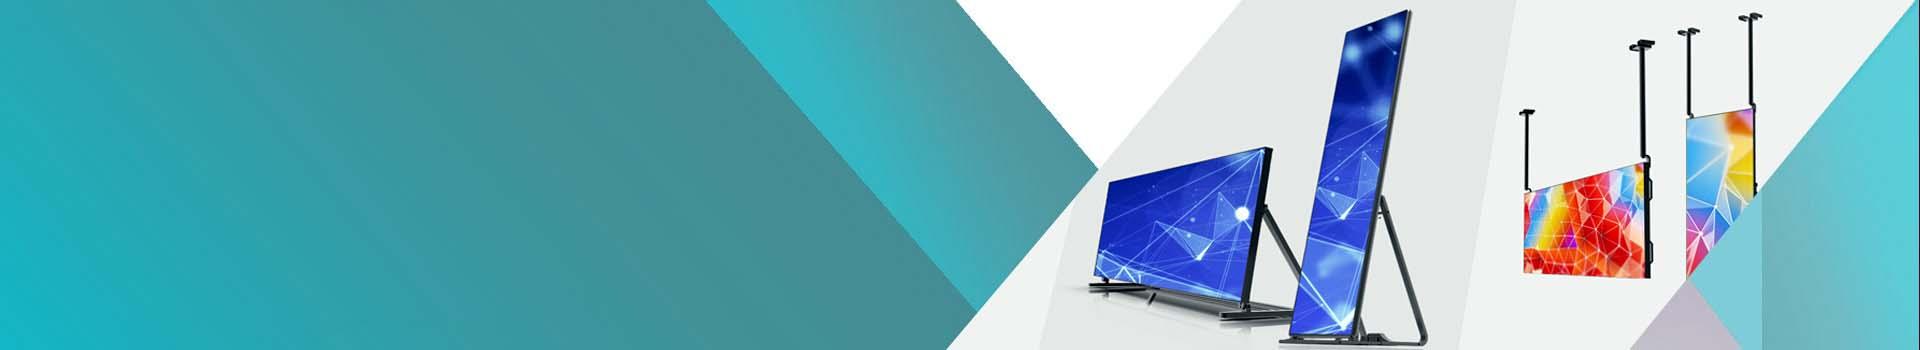 SMD LED Digital Poster